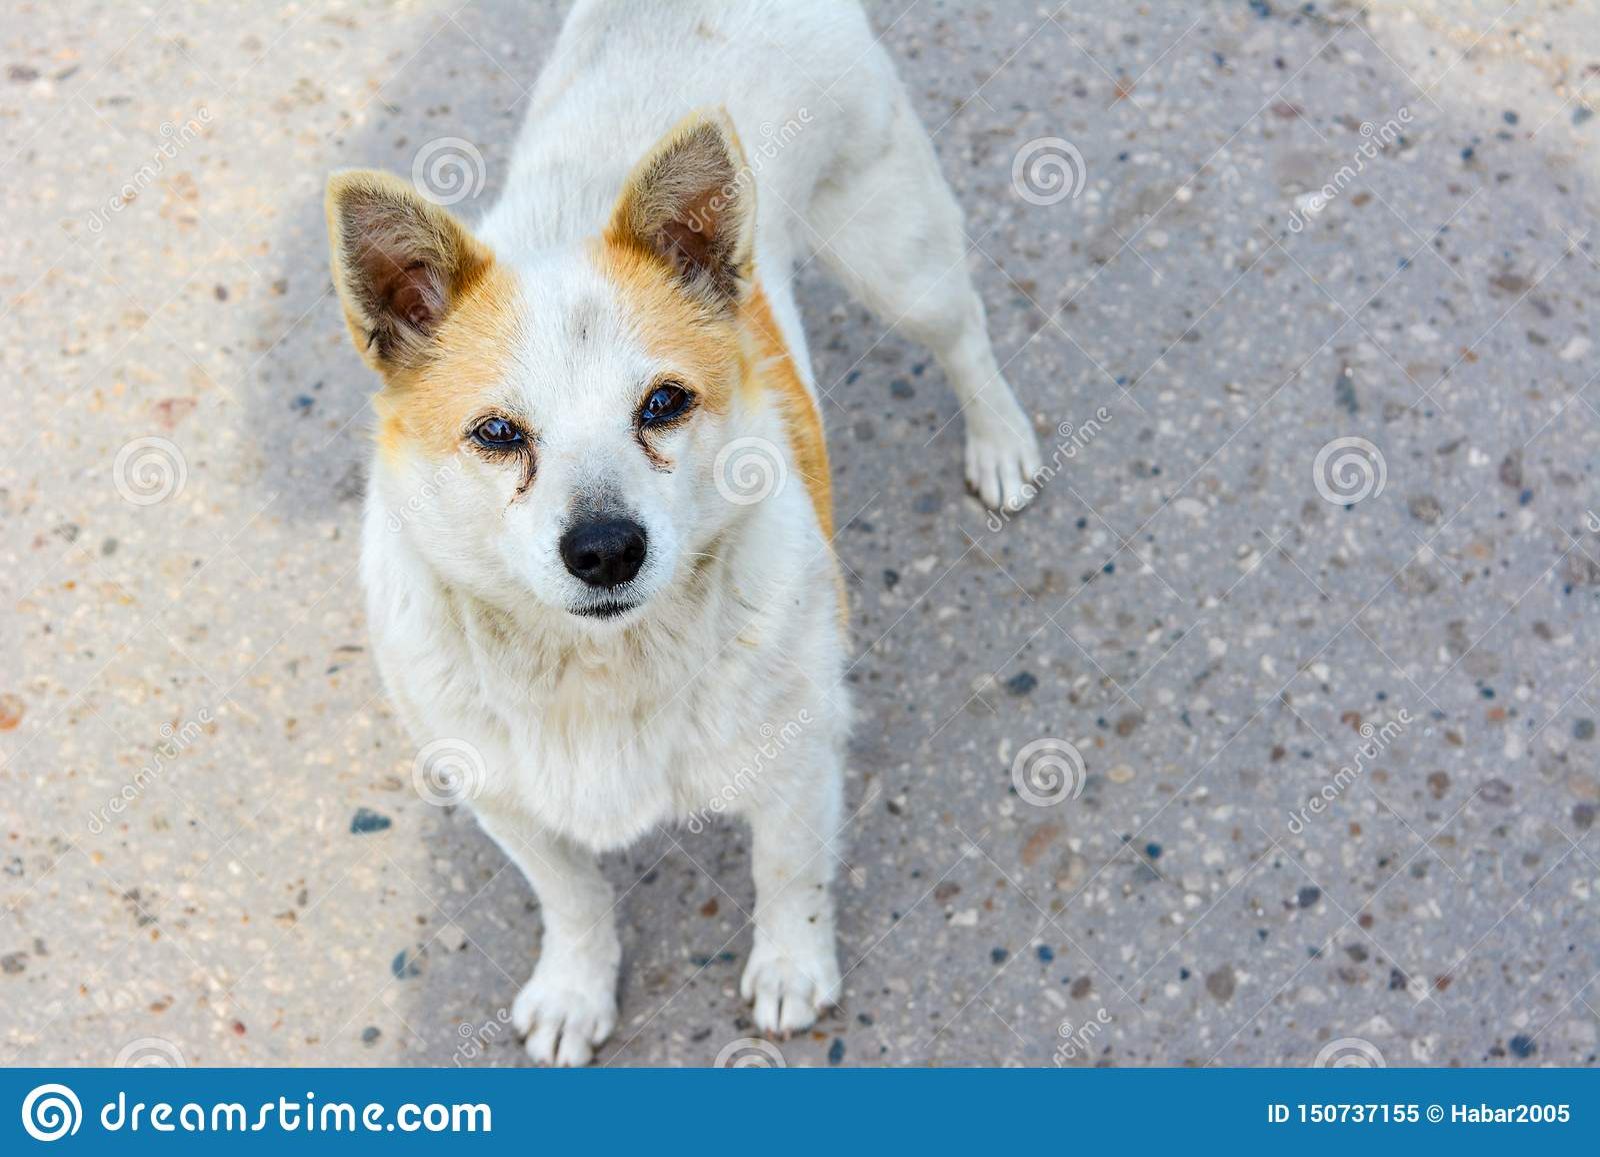 Interessierter Blick einer obdachlosen Hundestellung auf der Straße